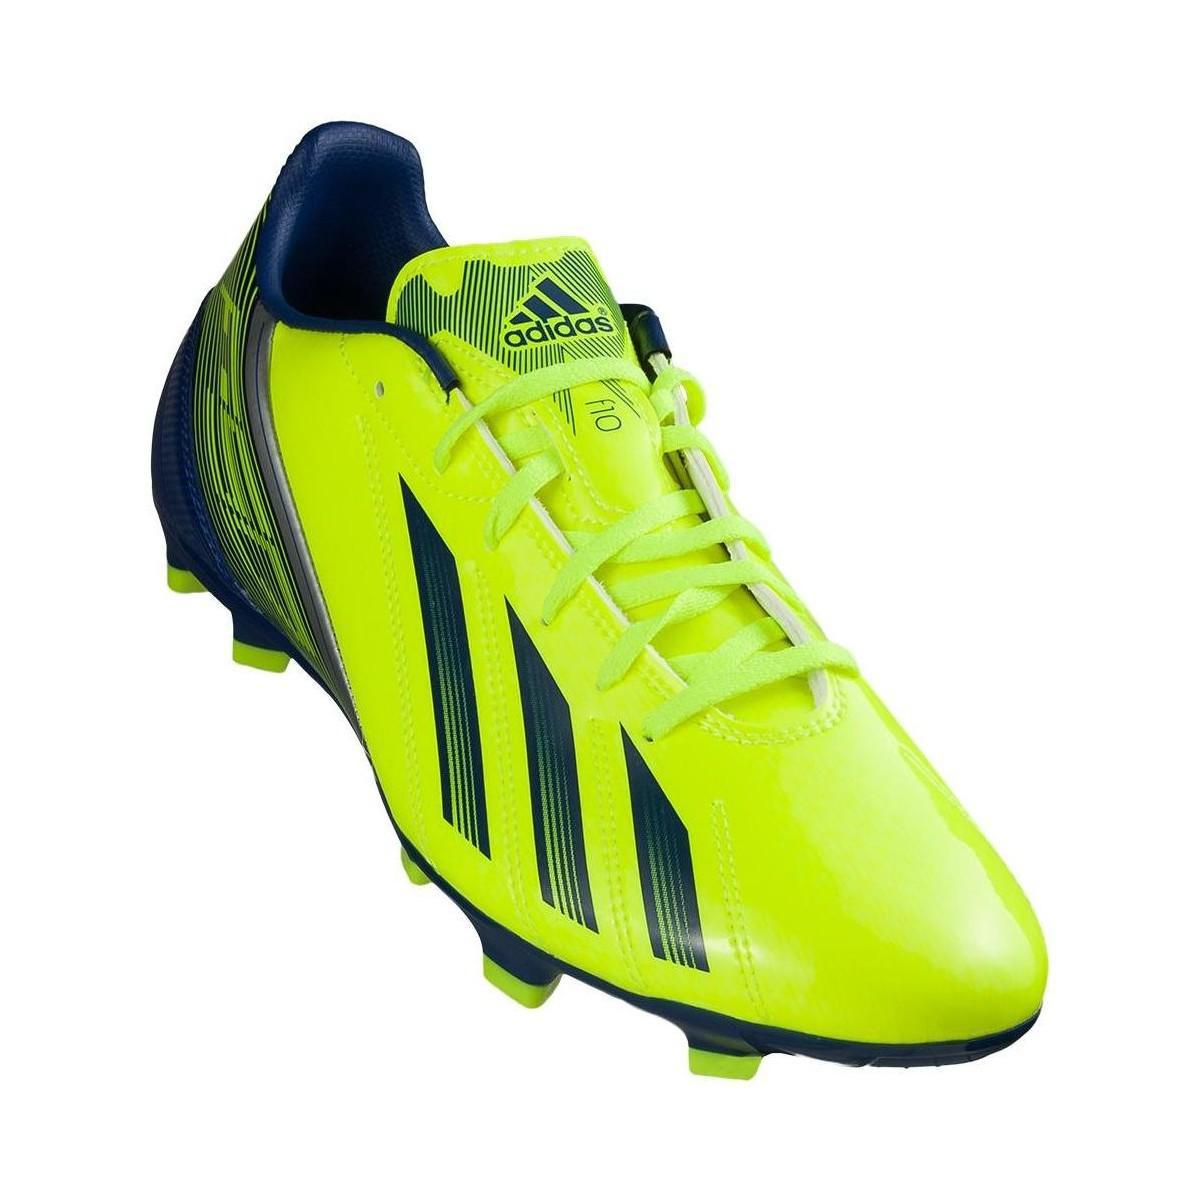 the best attitude 4da49 fa689 adidas F50 F10 Trx Fg Mens Football Boots In Multicolour for